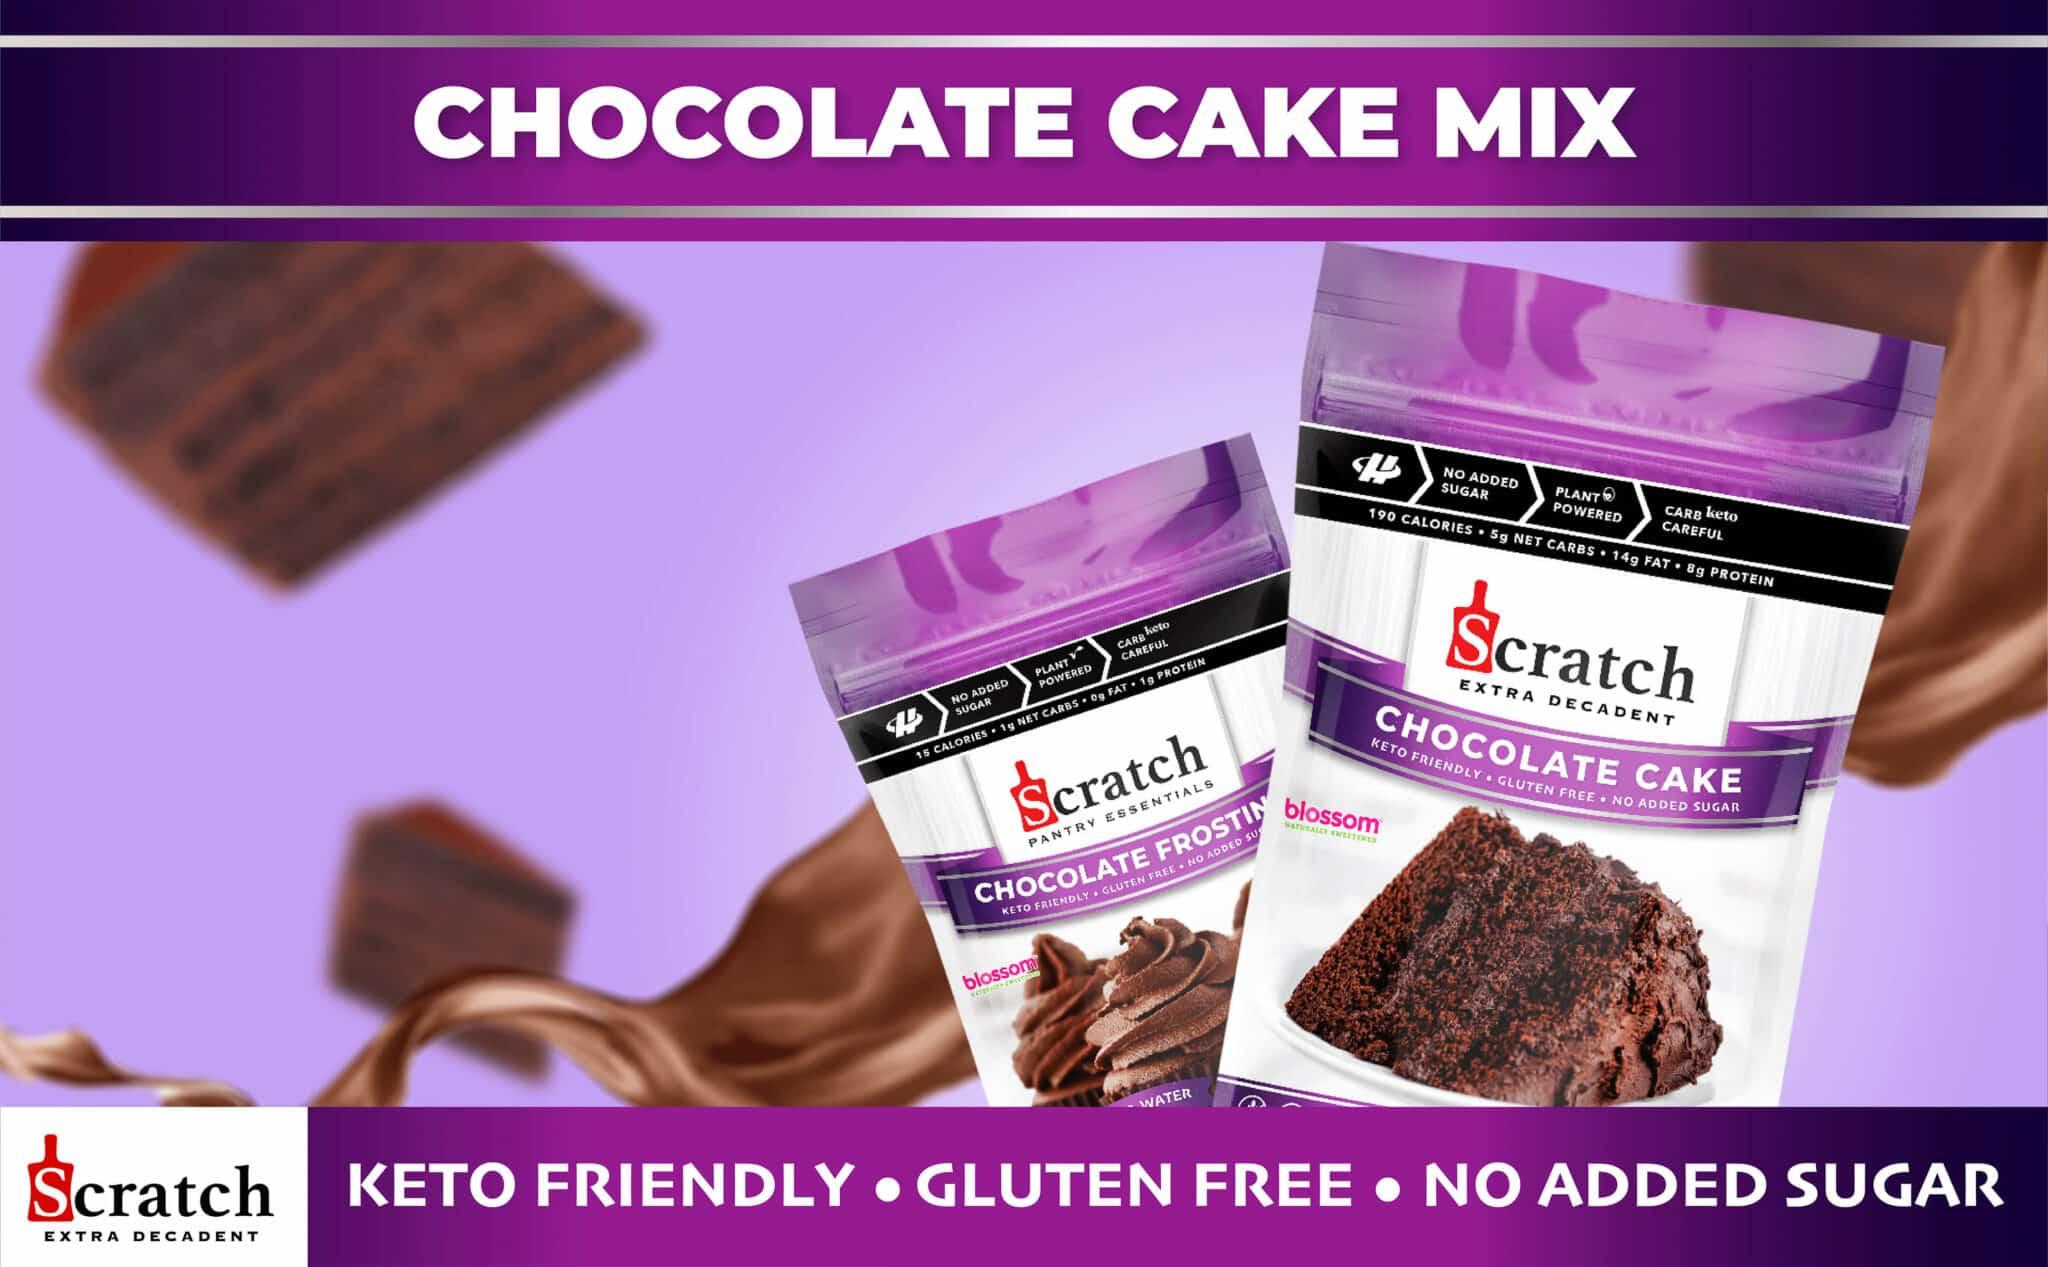 Keto & Gluten Free Chocolate Cake